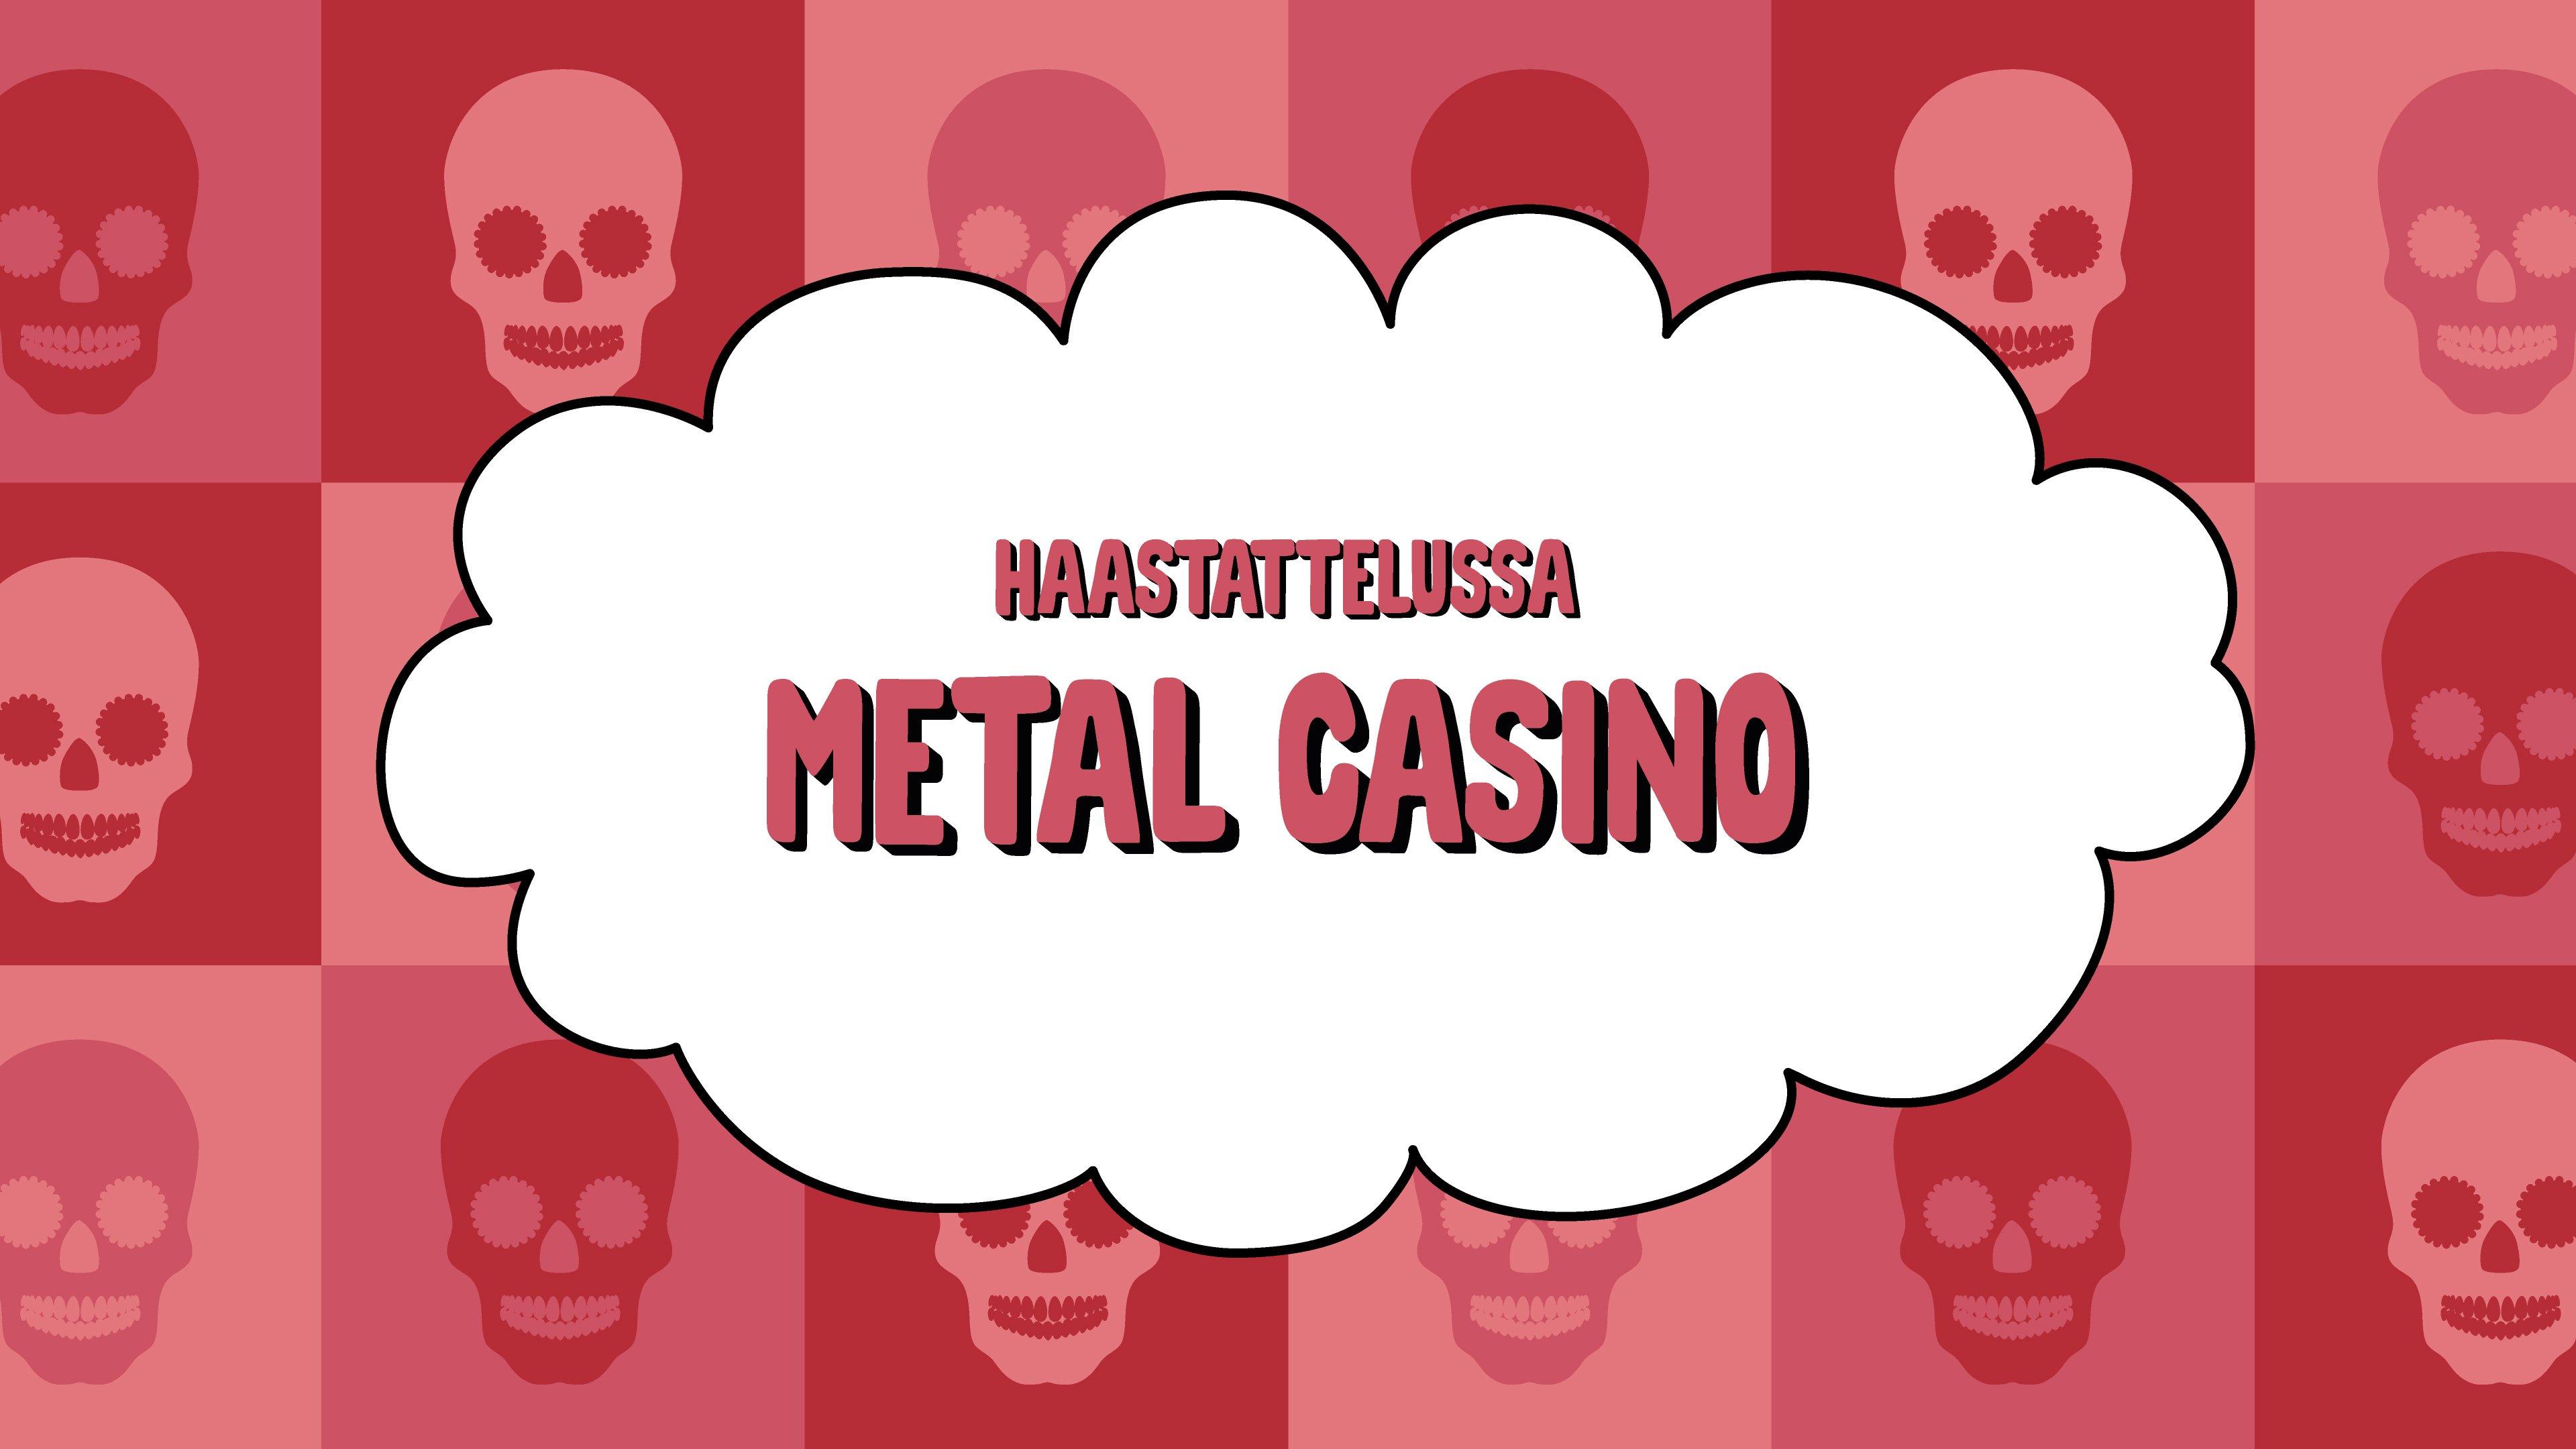 Haastattelussa Metal Casino